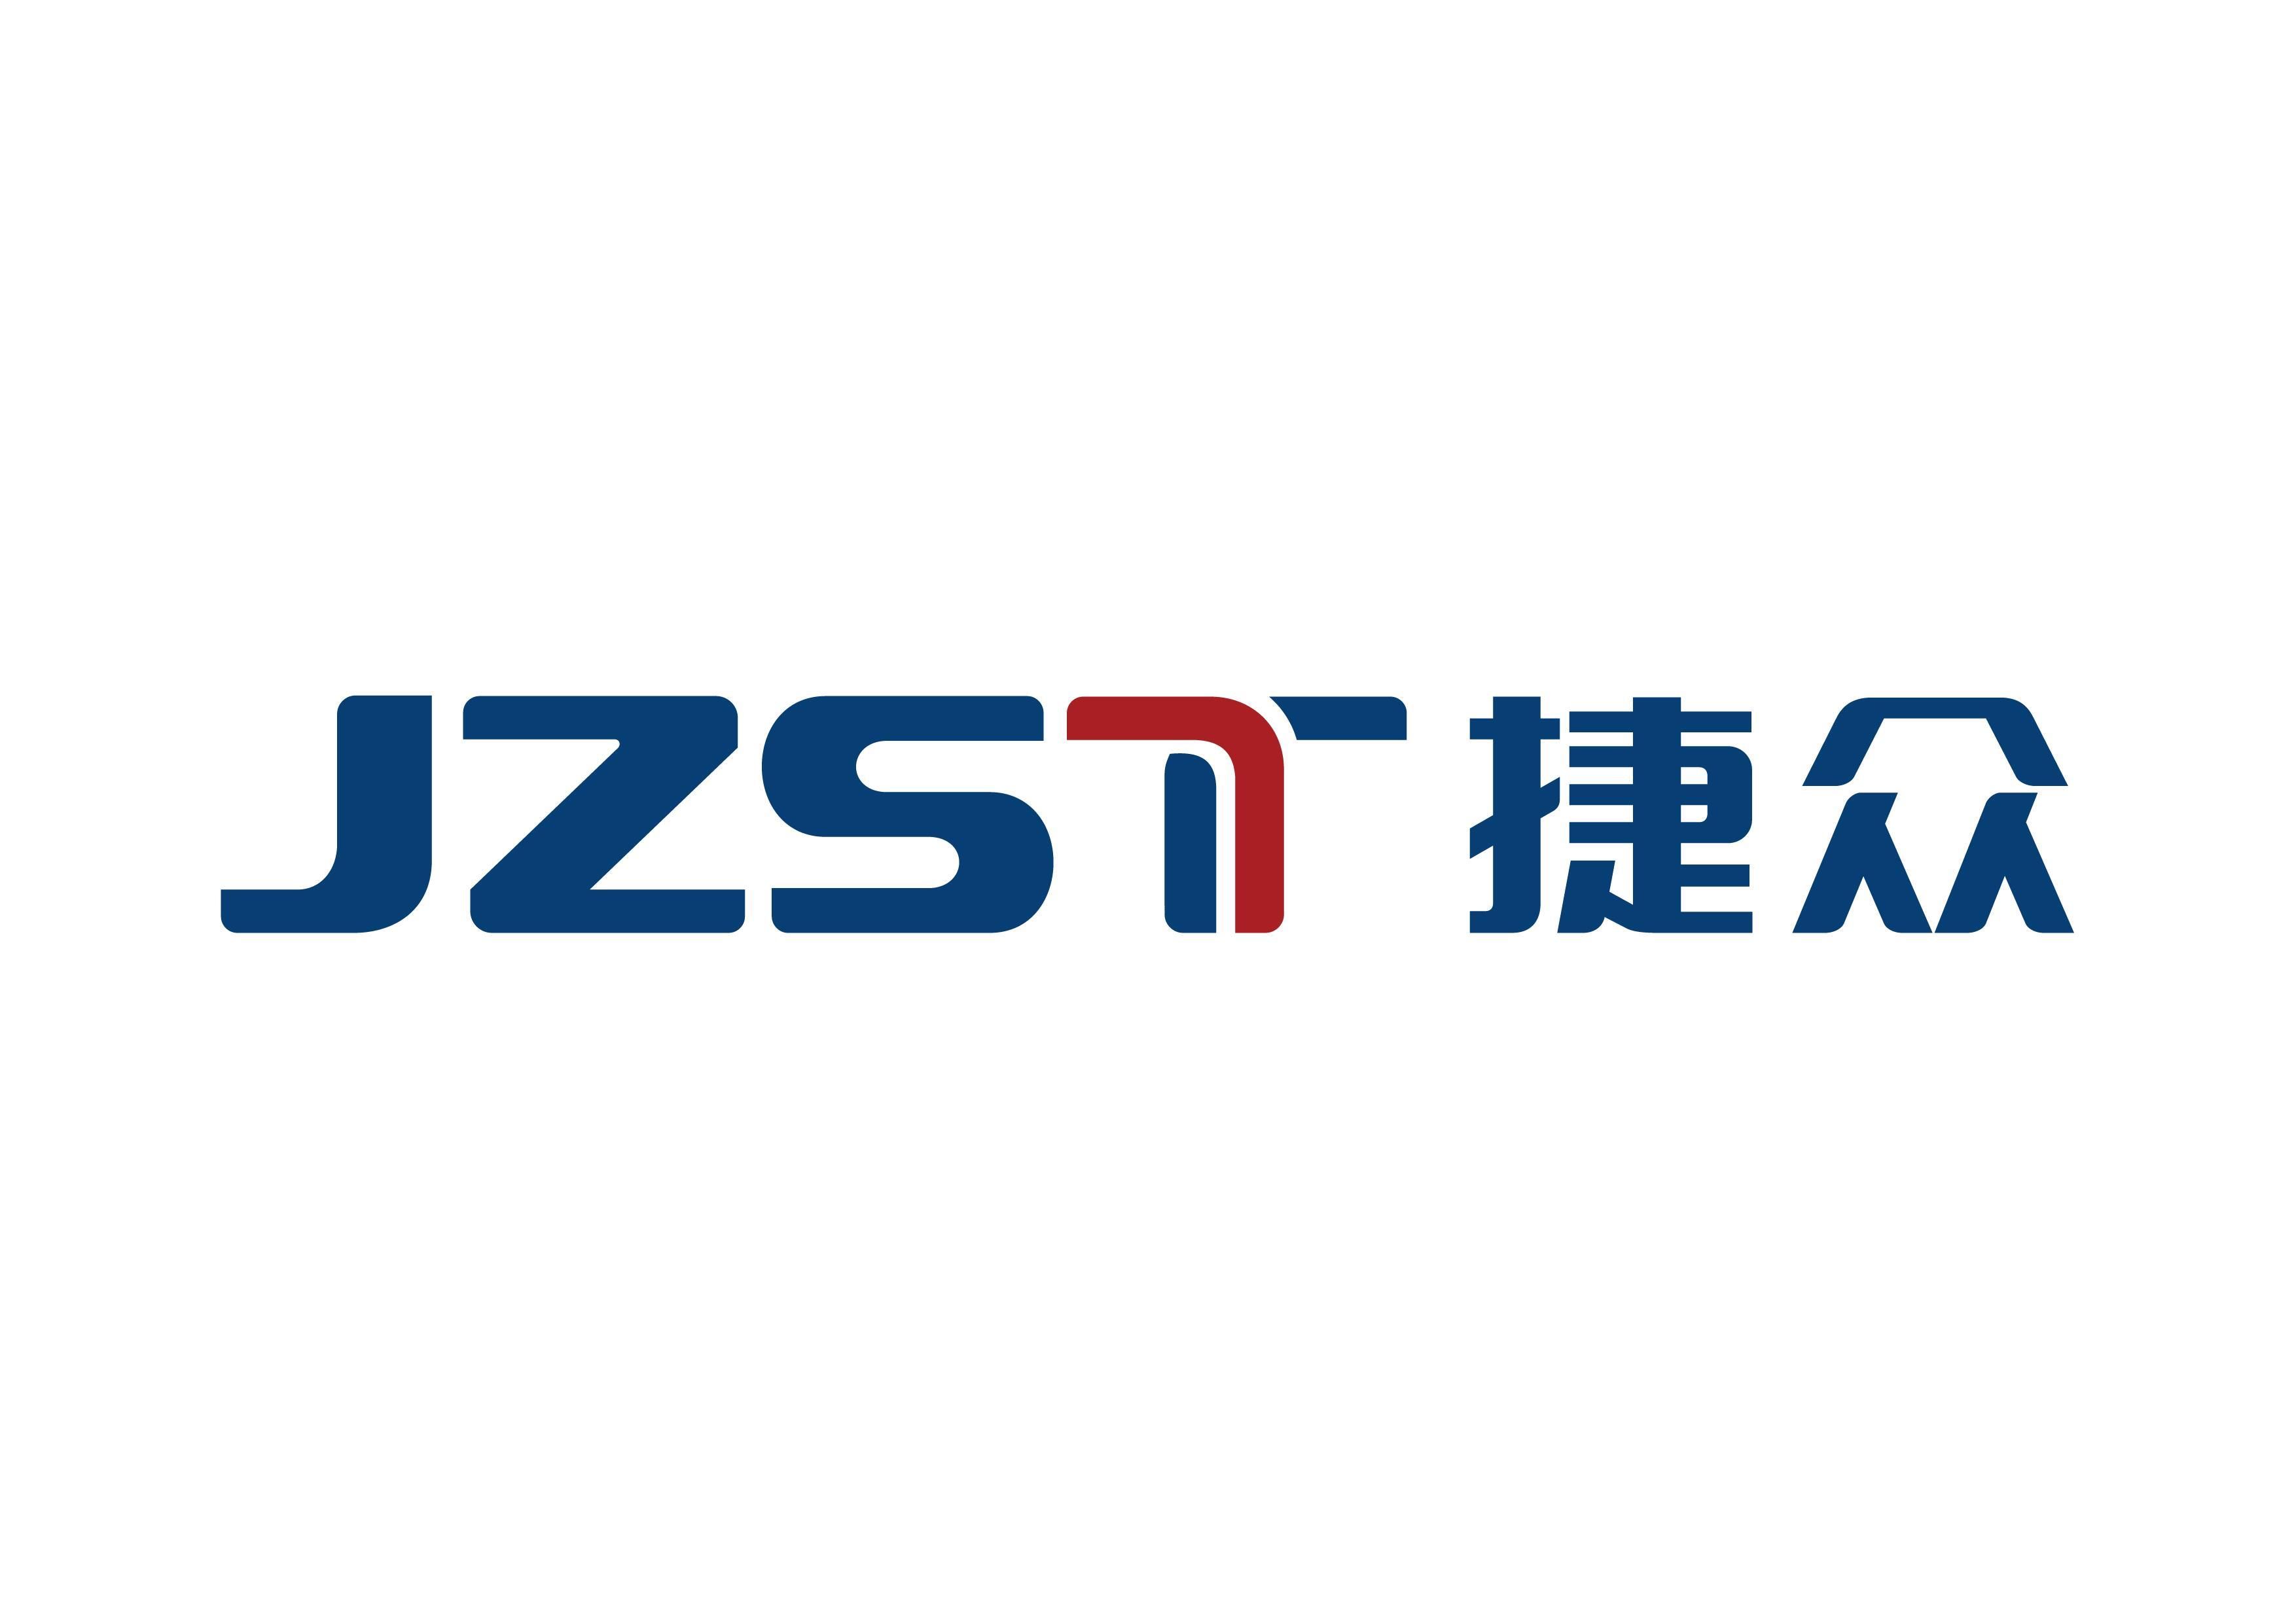 浙江捷众科技股份有限公司